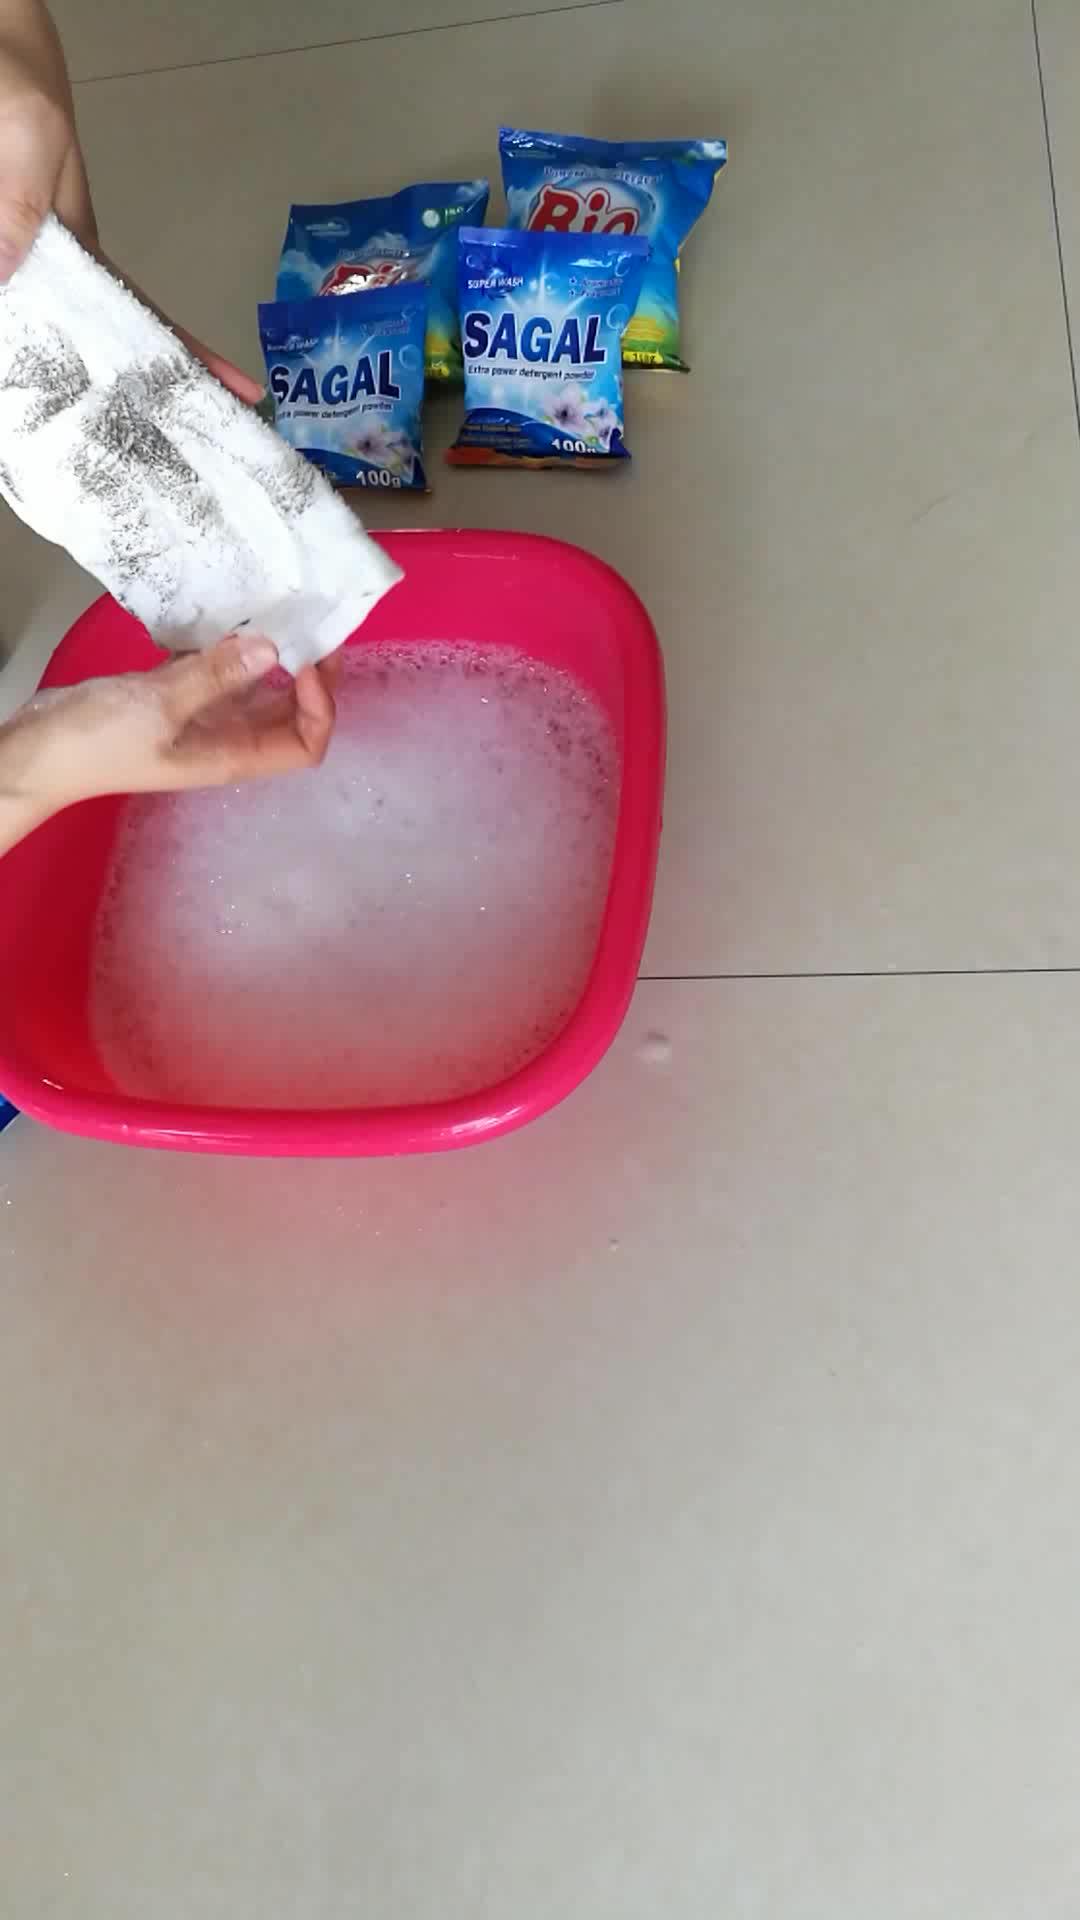 ผงซักฟอกชนิดฟอกสีผงซักผ้าผงซักฟอกชนิดผง